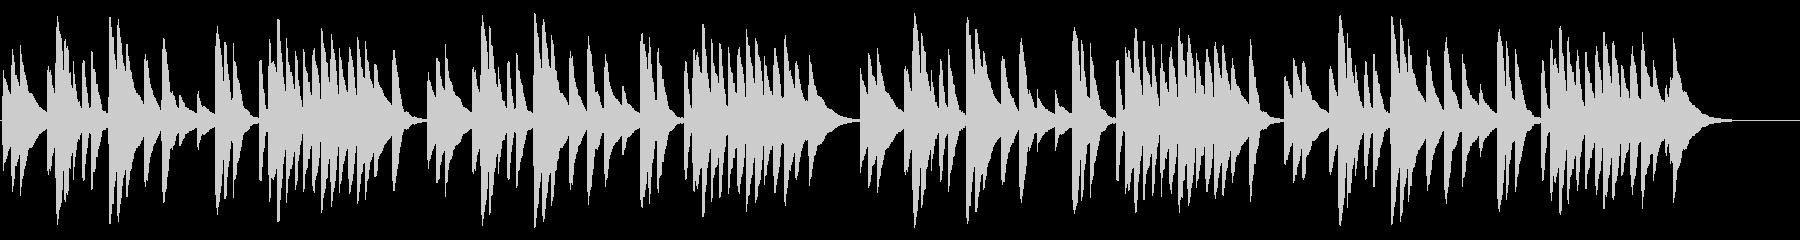 赤とんぼ 18弁オルゴールの未再生の波形